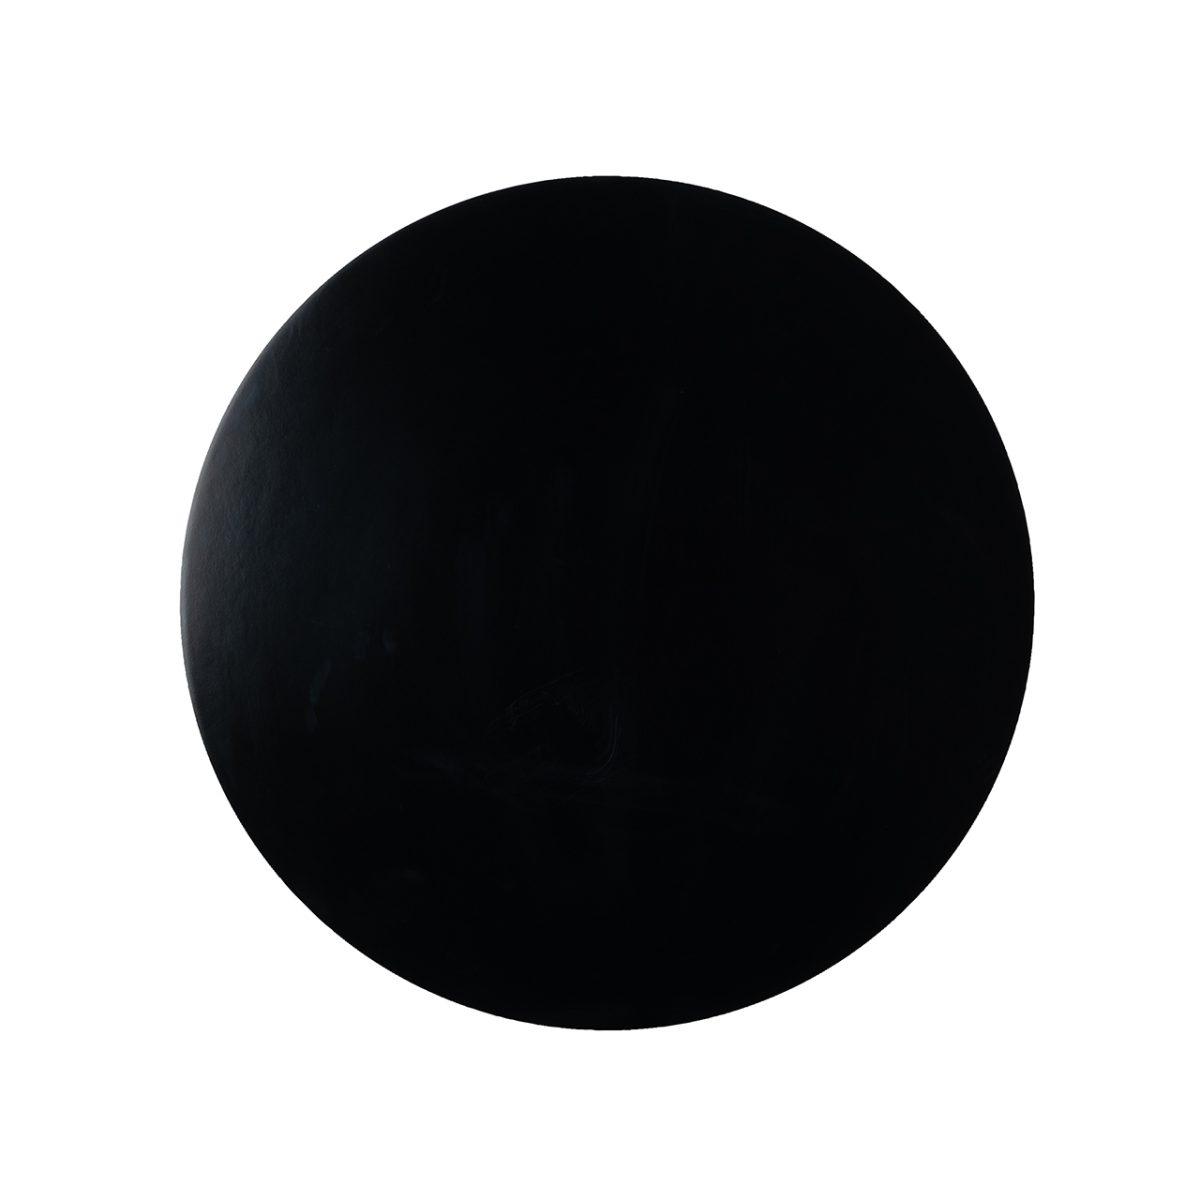 7278 - Bartafel Lando rond 60Ø (Zwart)